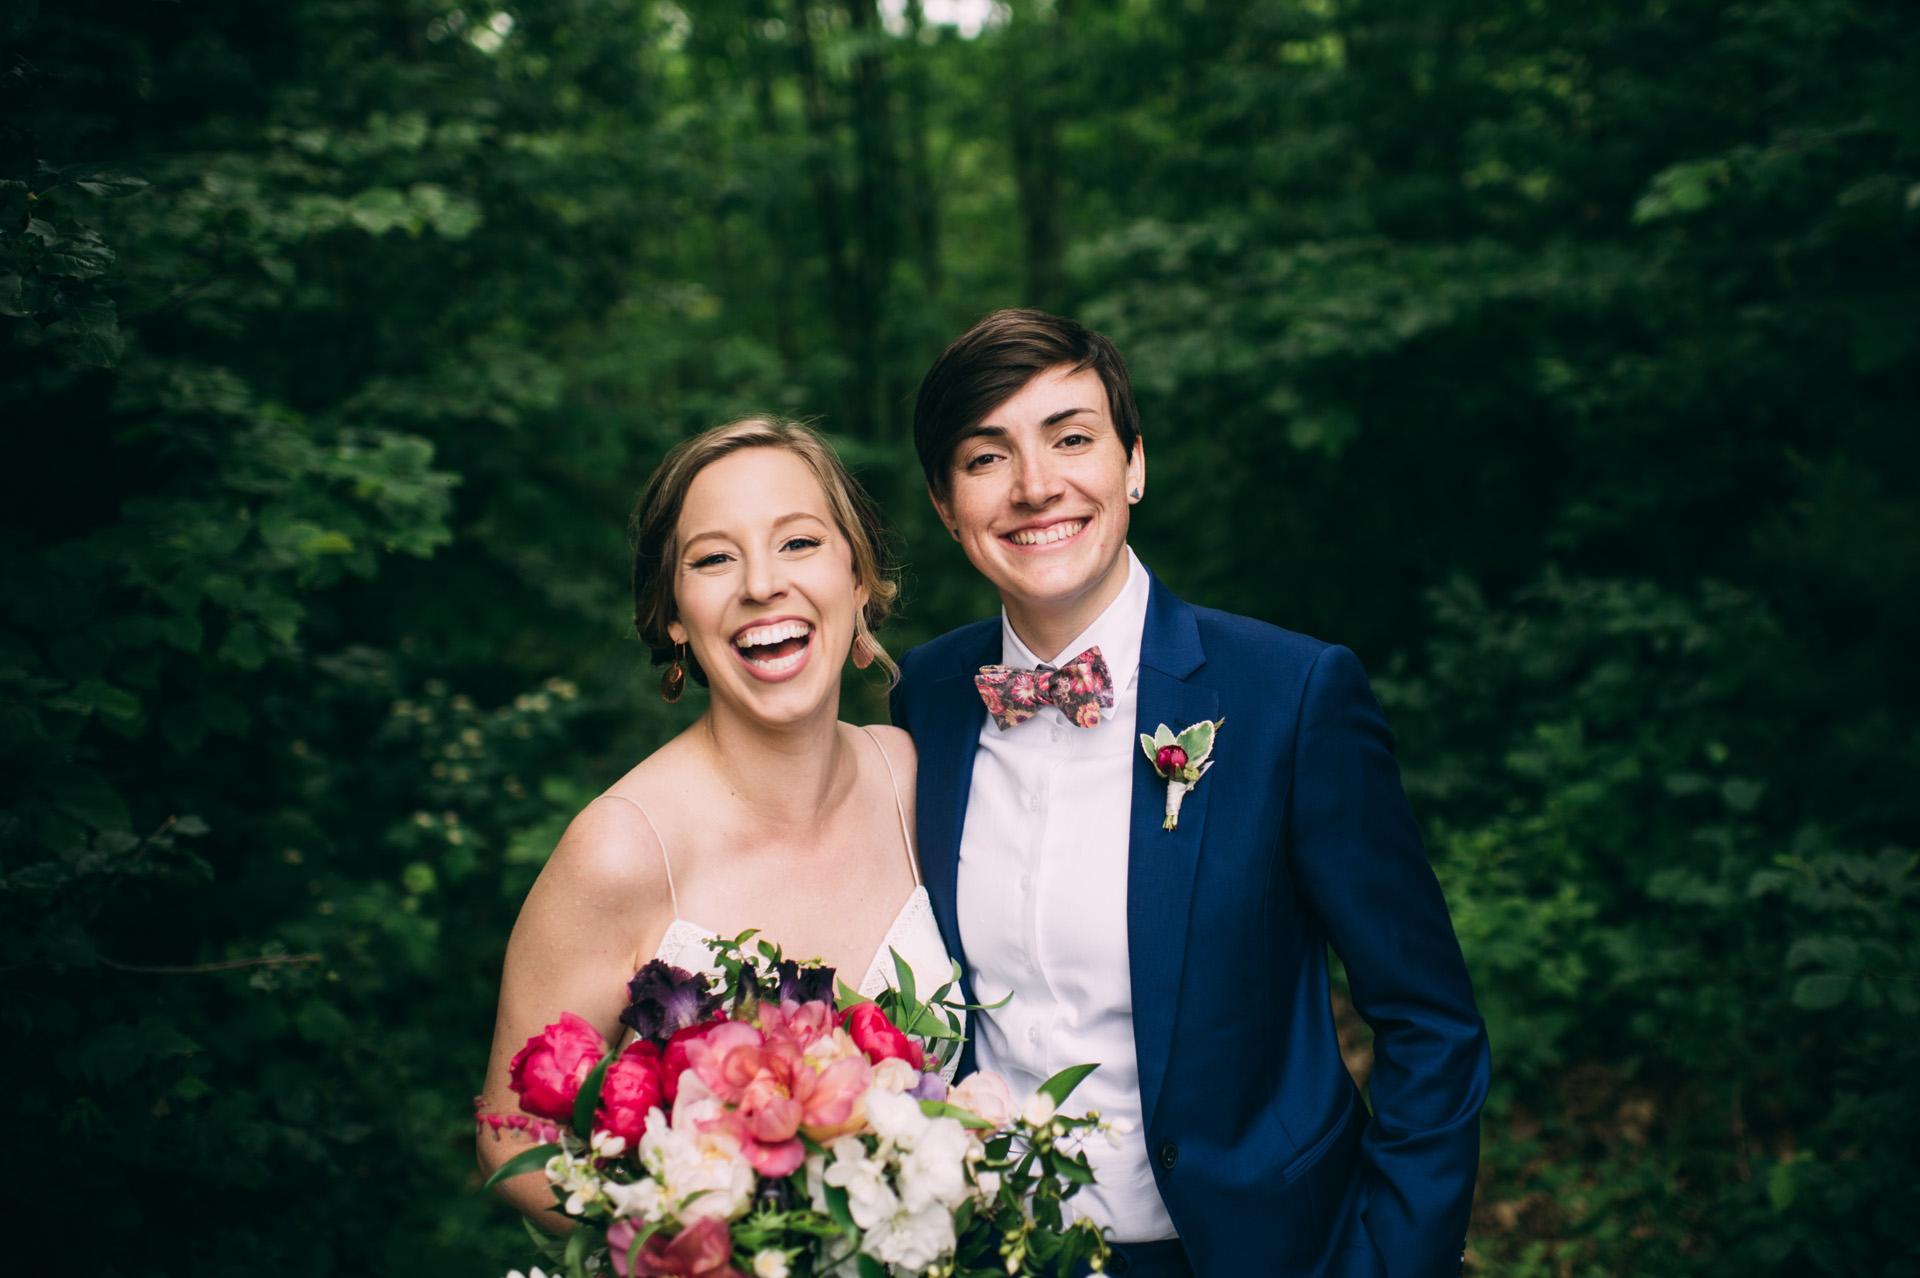 broadturn-farm-wedding-19